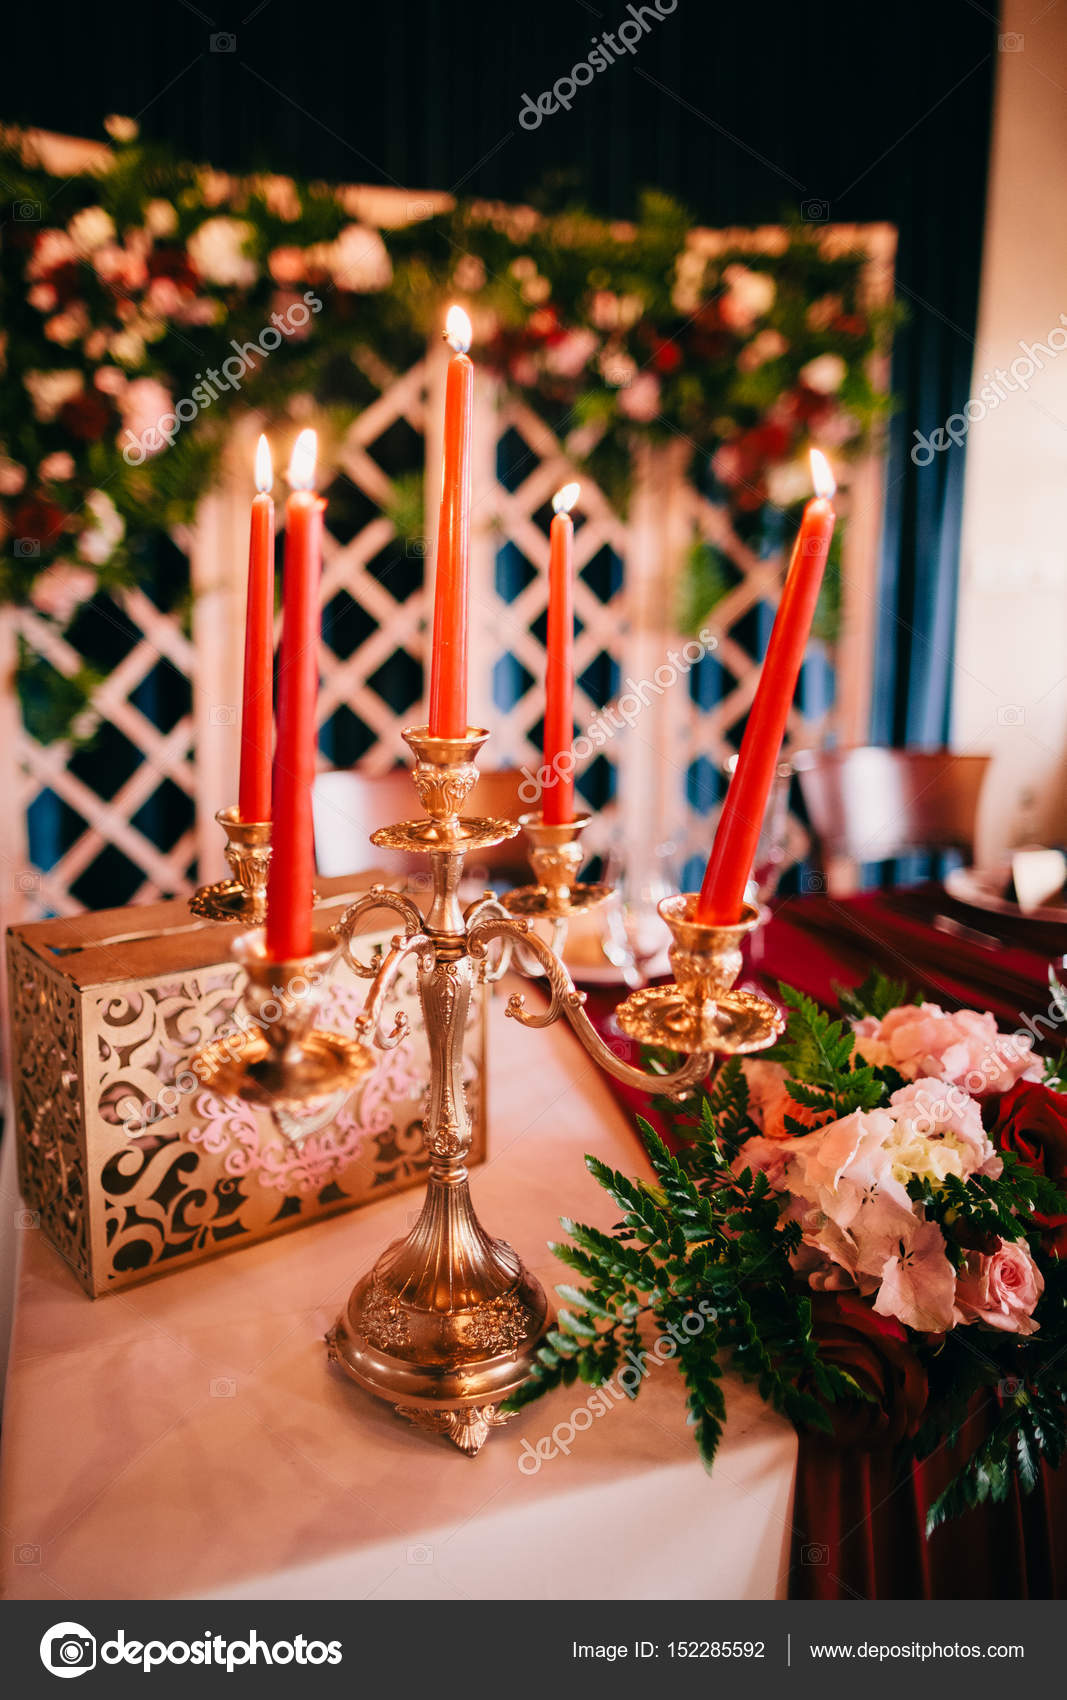 AuBergewohnlich Hochzeit Tisch Herzstück U2014 Stockfoto